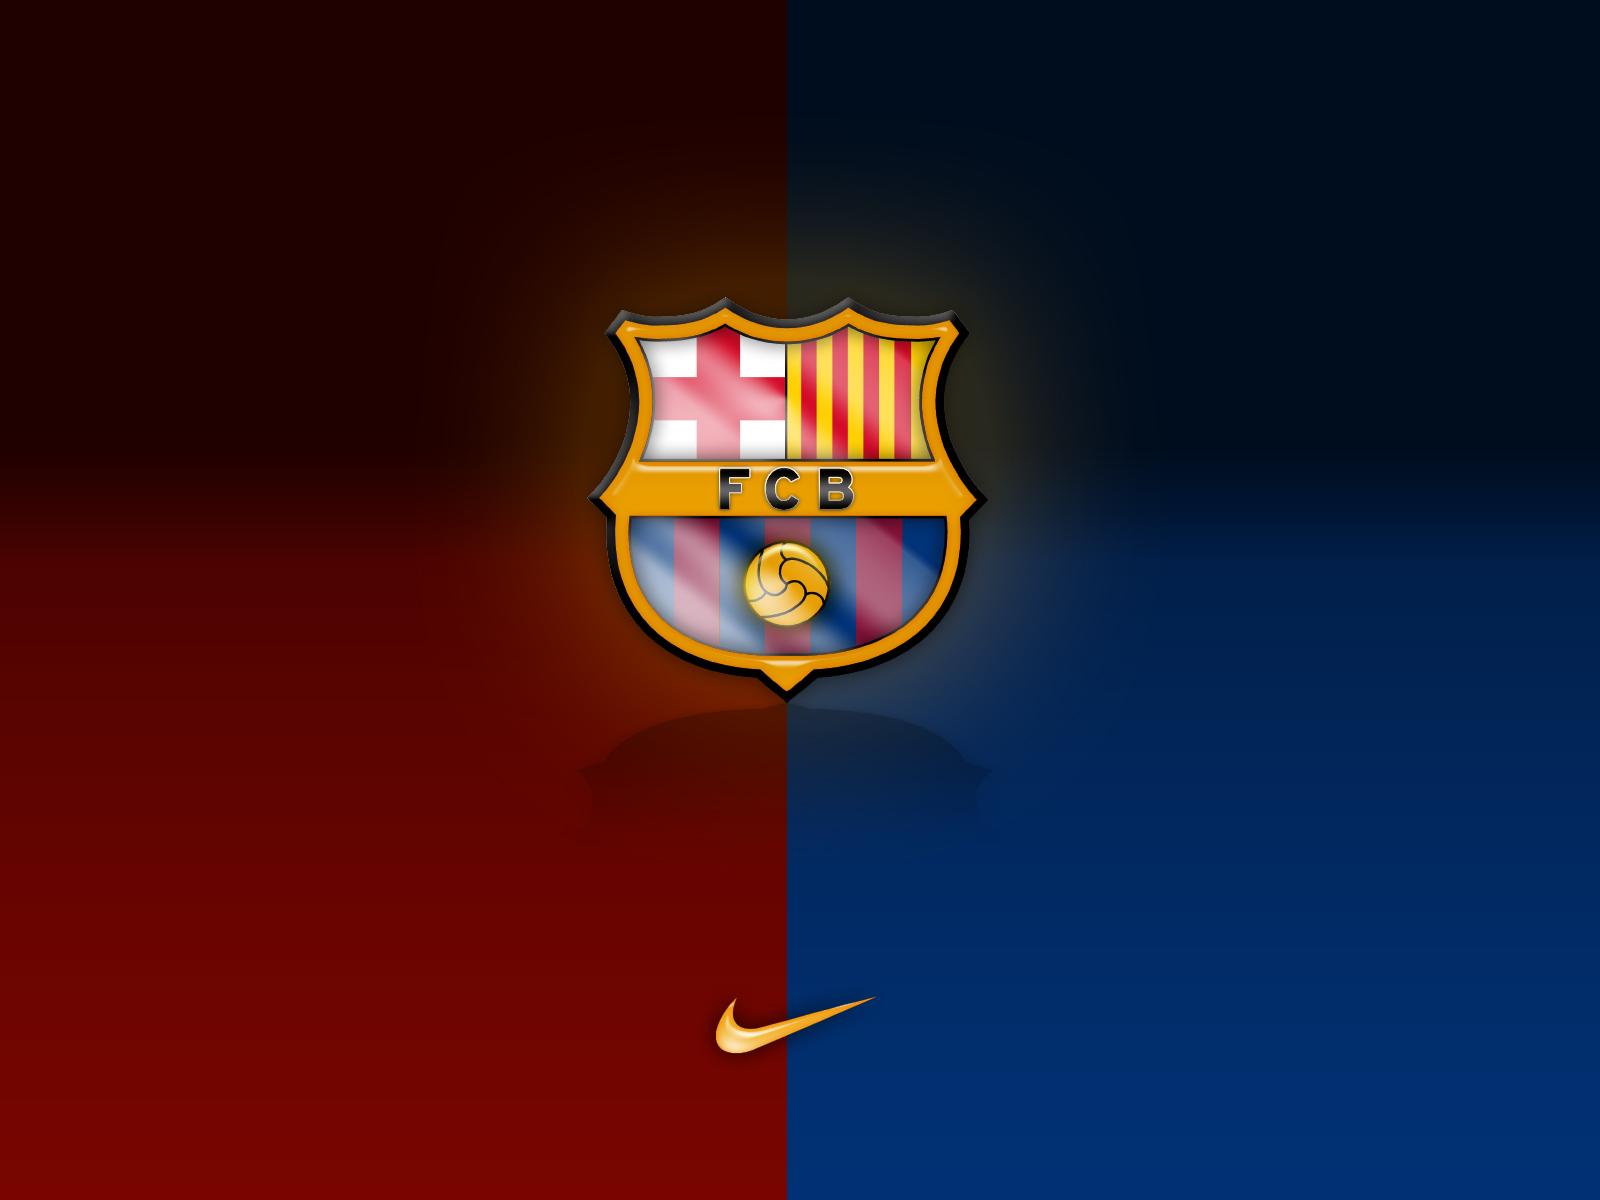 El logotipo o escudo del FCBarcelona para fondo escritorio Linea 1600x1200